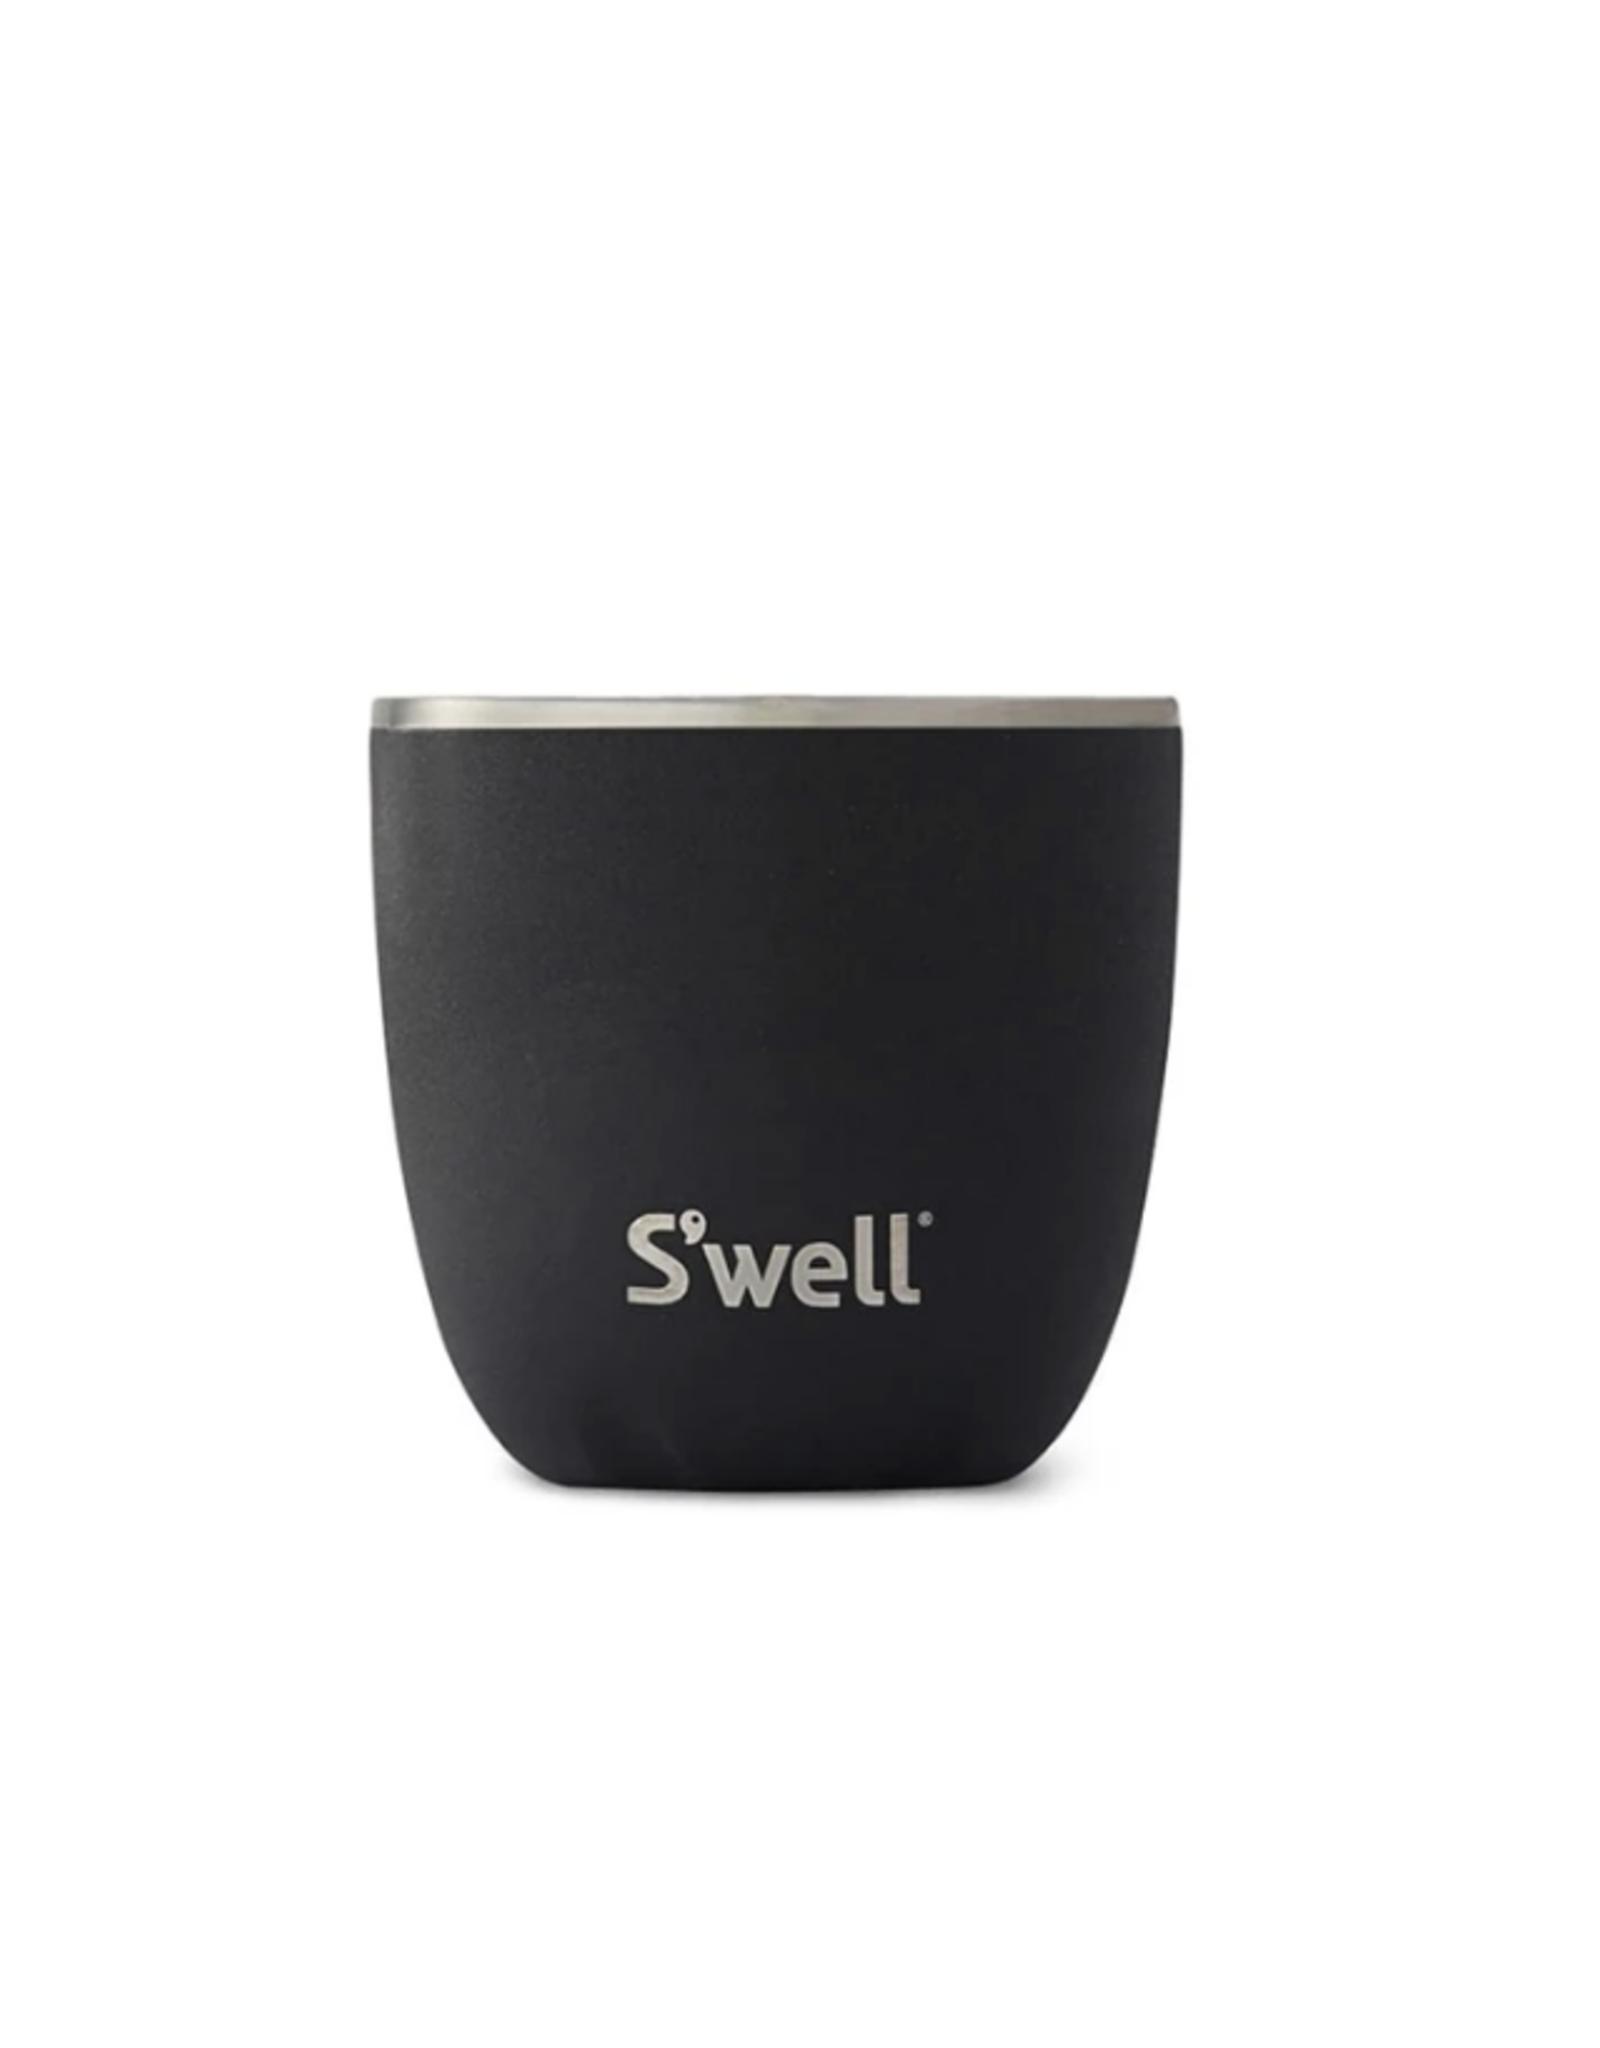 Swell Onyx Tumbler 10 OZ